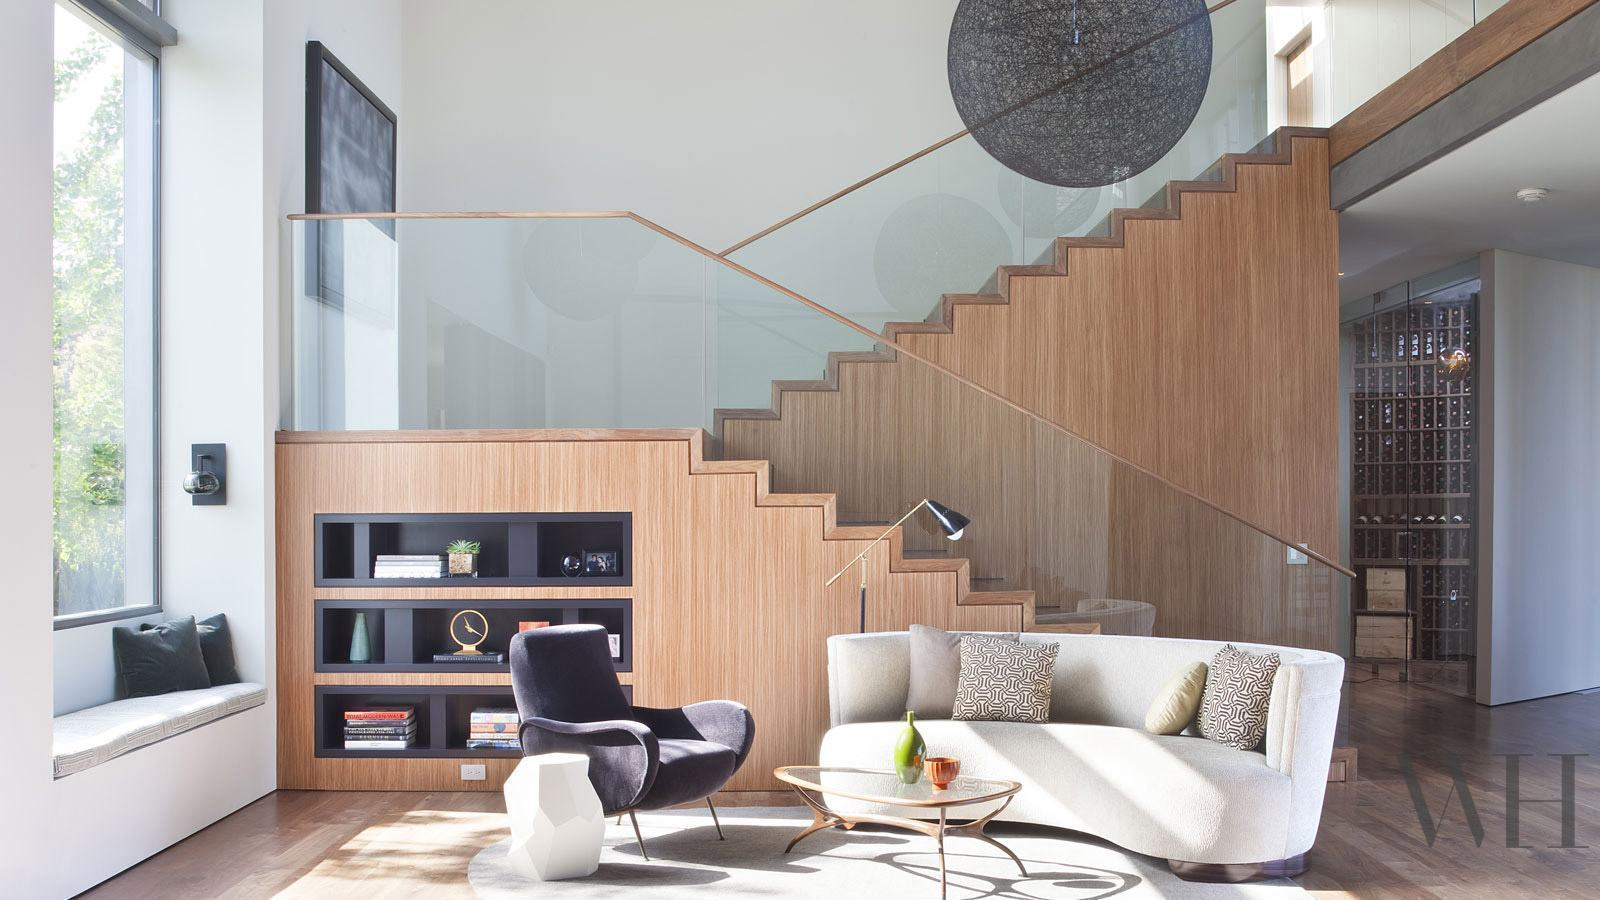 Sala Com Escada 60 Ideias E Refer Ncias Incr Veis